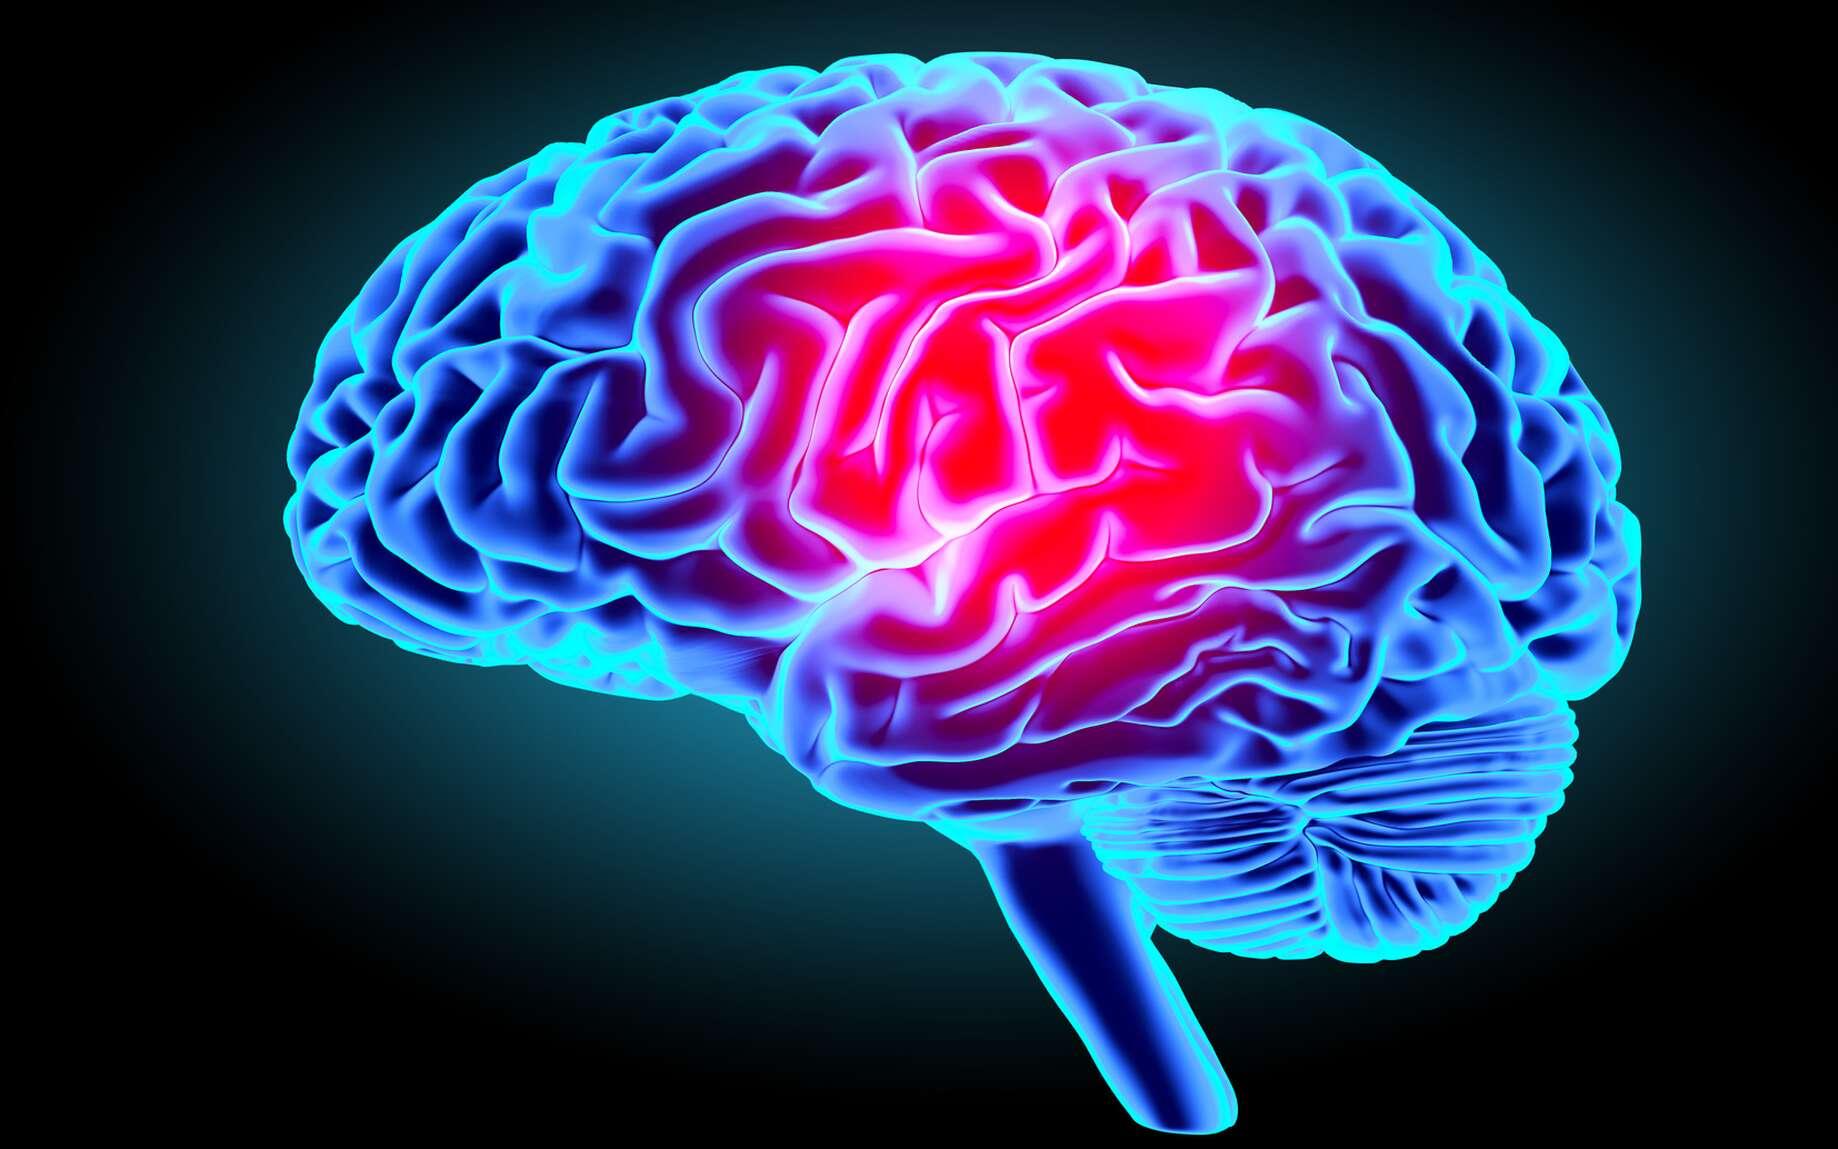 Le cerveau est l'organe du système nerveux central qui régule toutes les fonctions vitales. © gorbovoi81, Fotolia